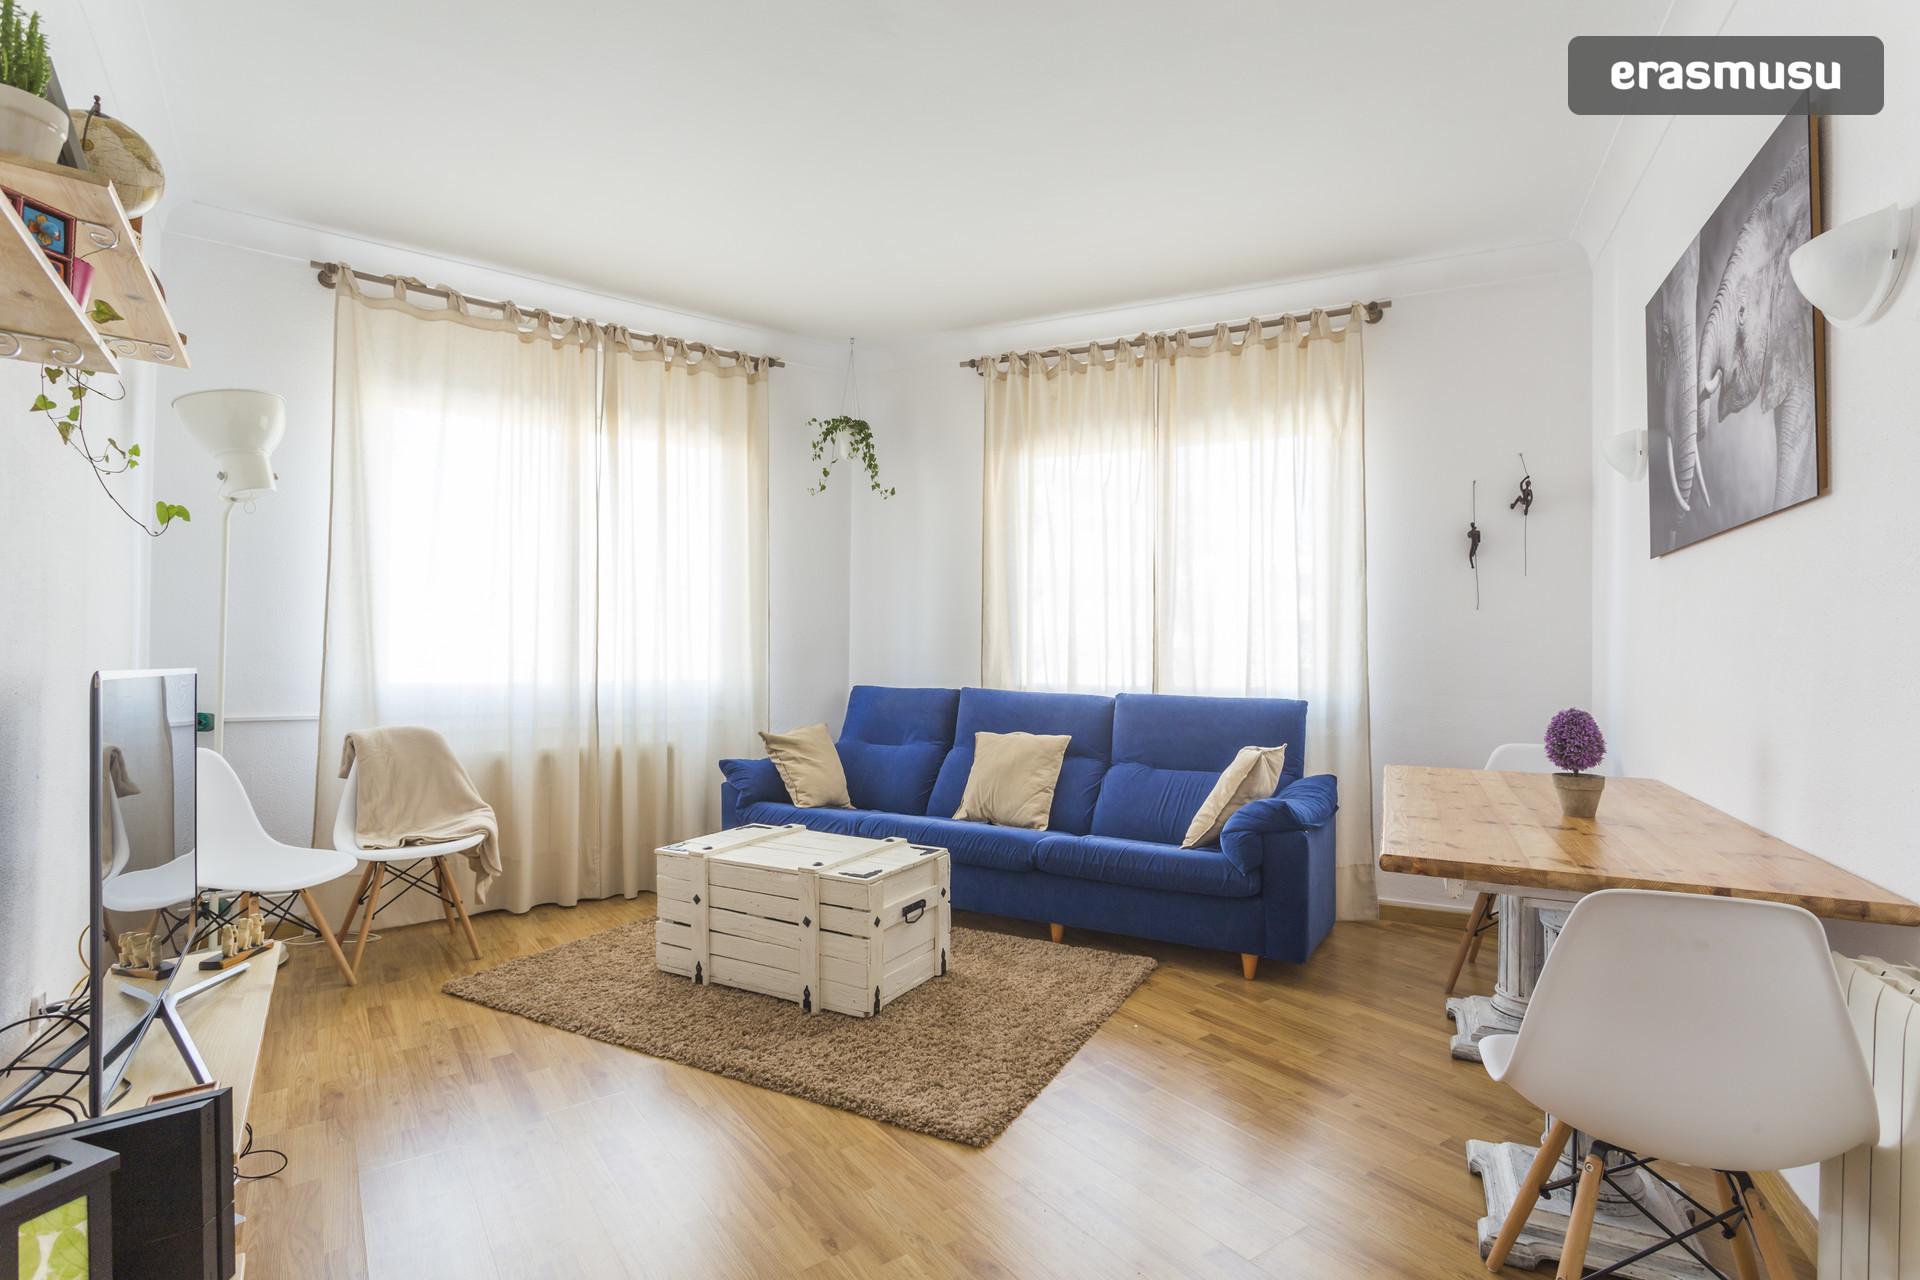 Habitaci n en piso amplio y soleado cerca de sagrada familia con negocios cerca alquiler - Pisos en alquiler en barcelona particular sagrada familia ...